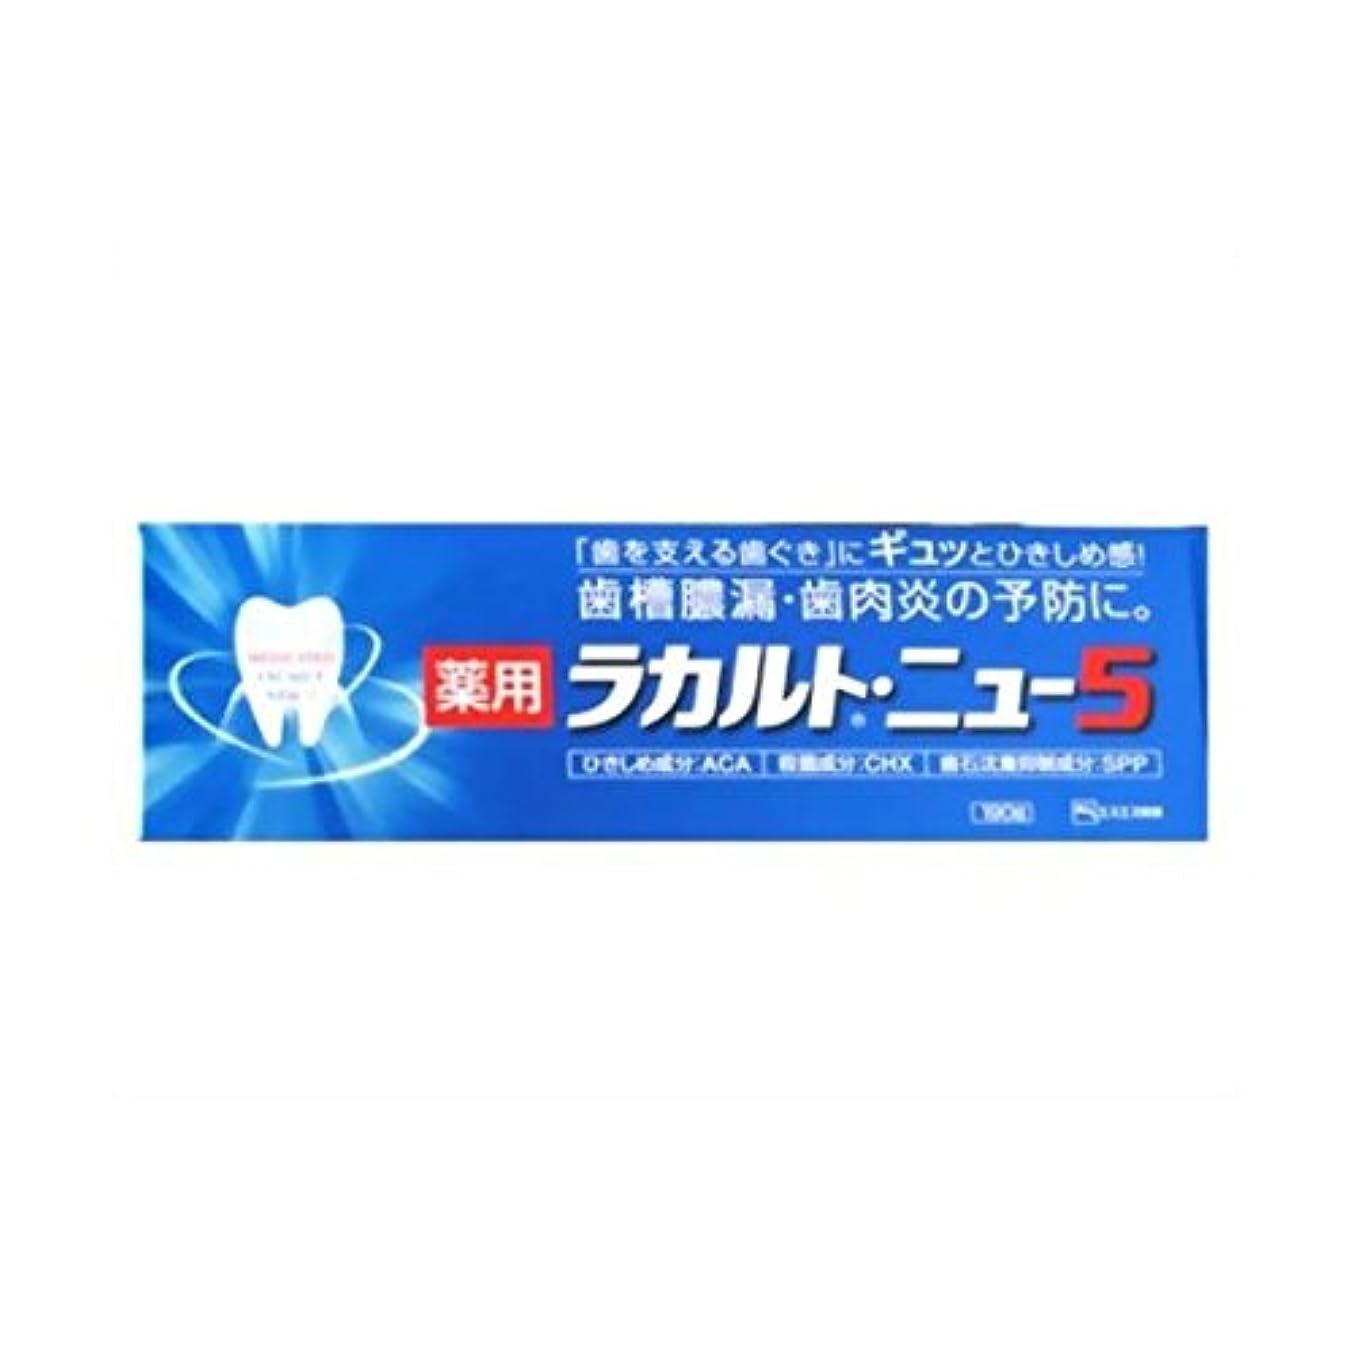 メインくそーオッズ【お徳用 3 セット】 薬用ラカルトニュー5 190g×3セット